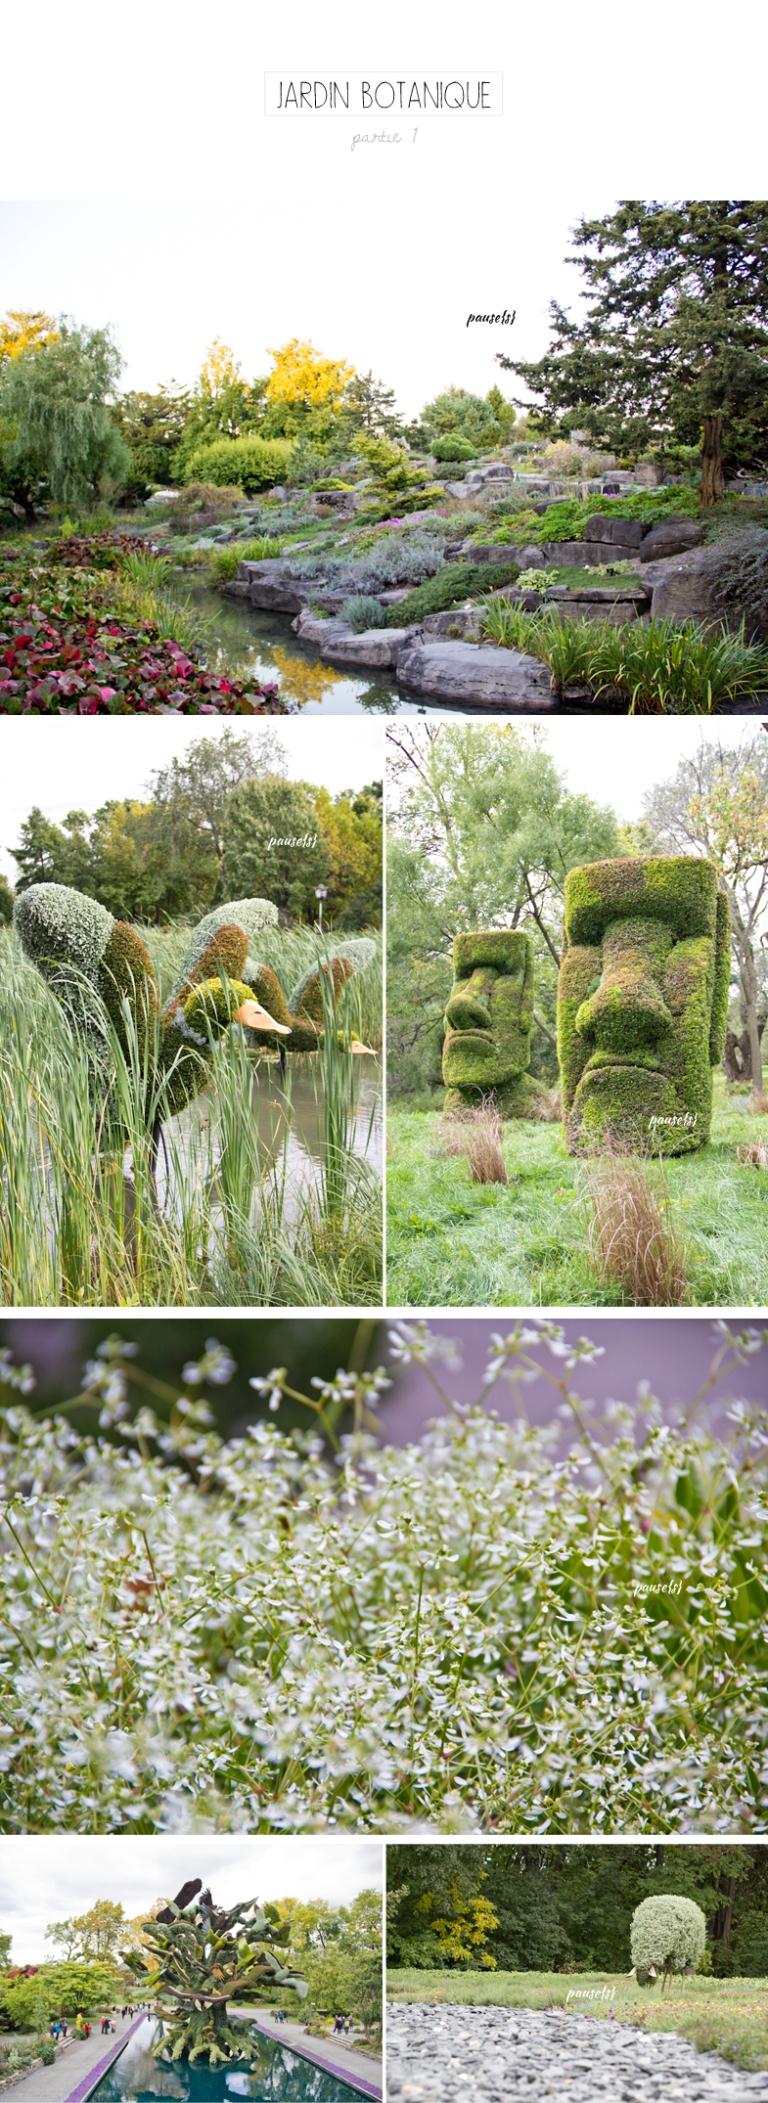 jardin-botanique-01